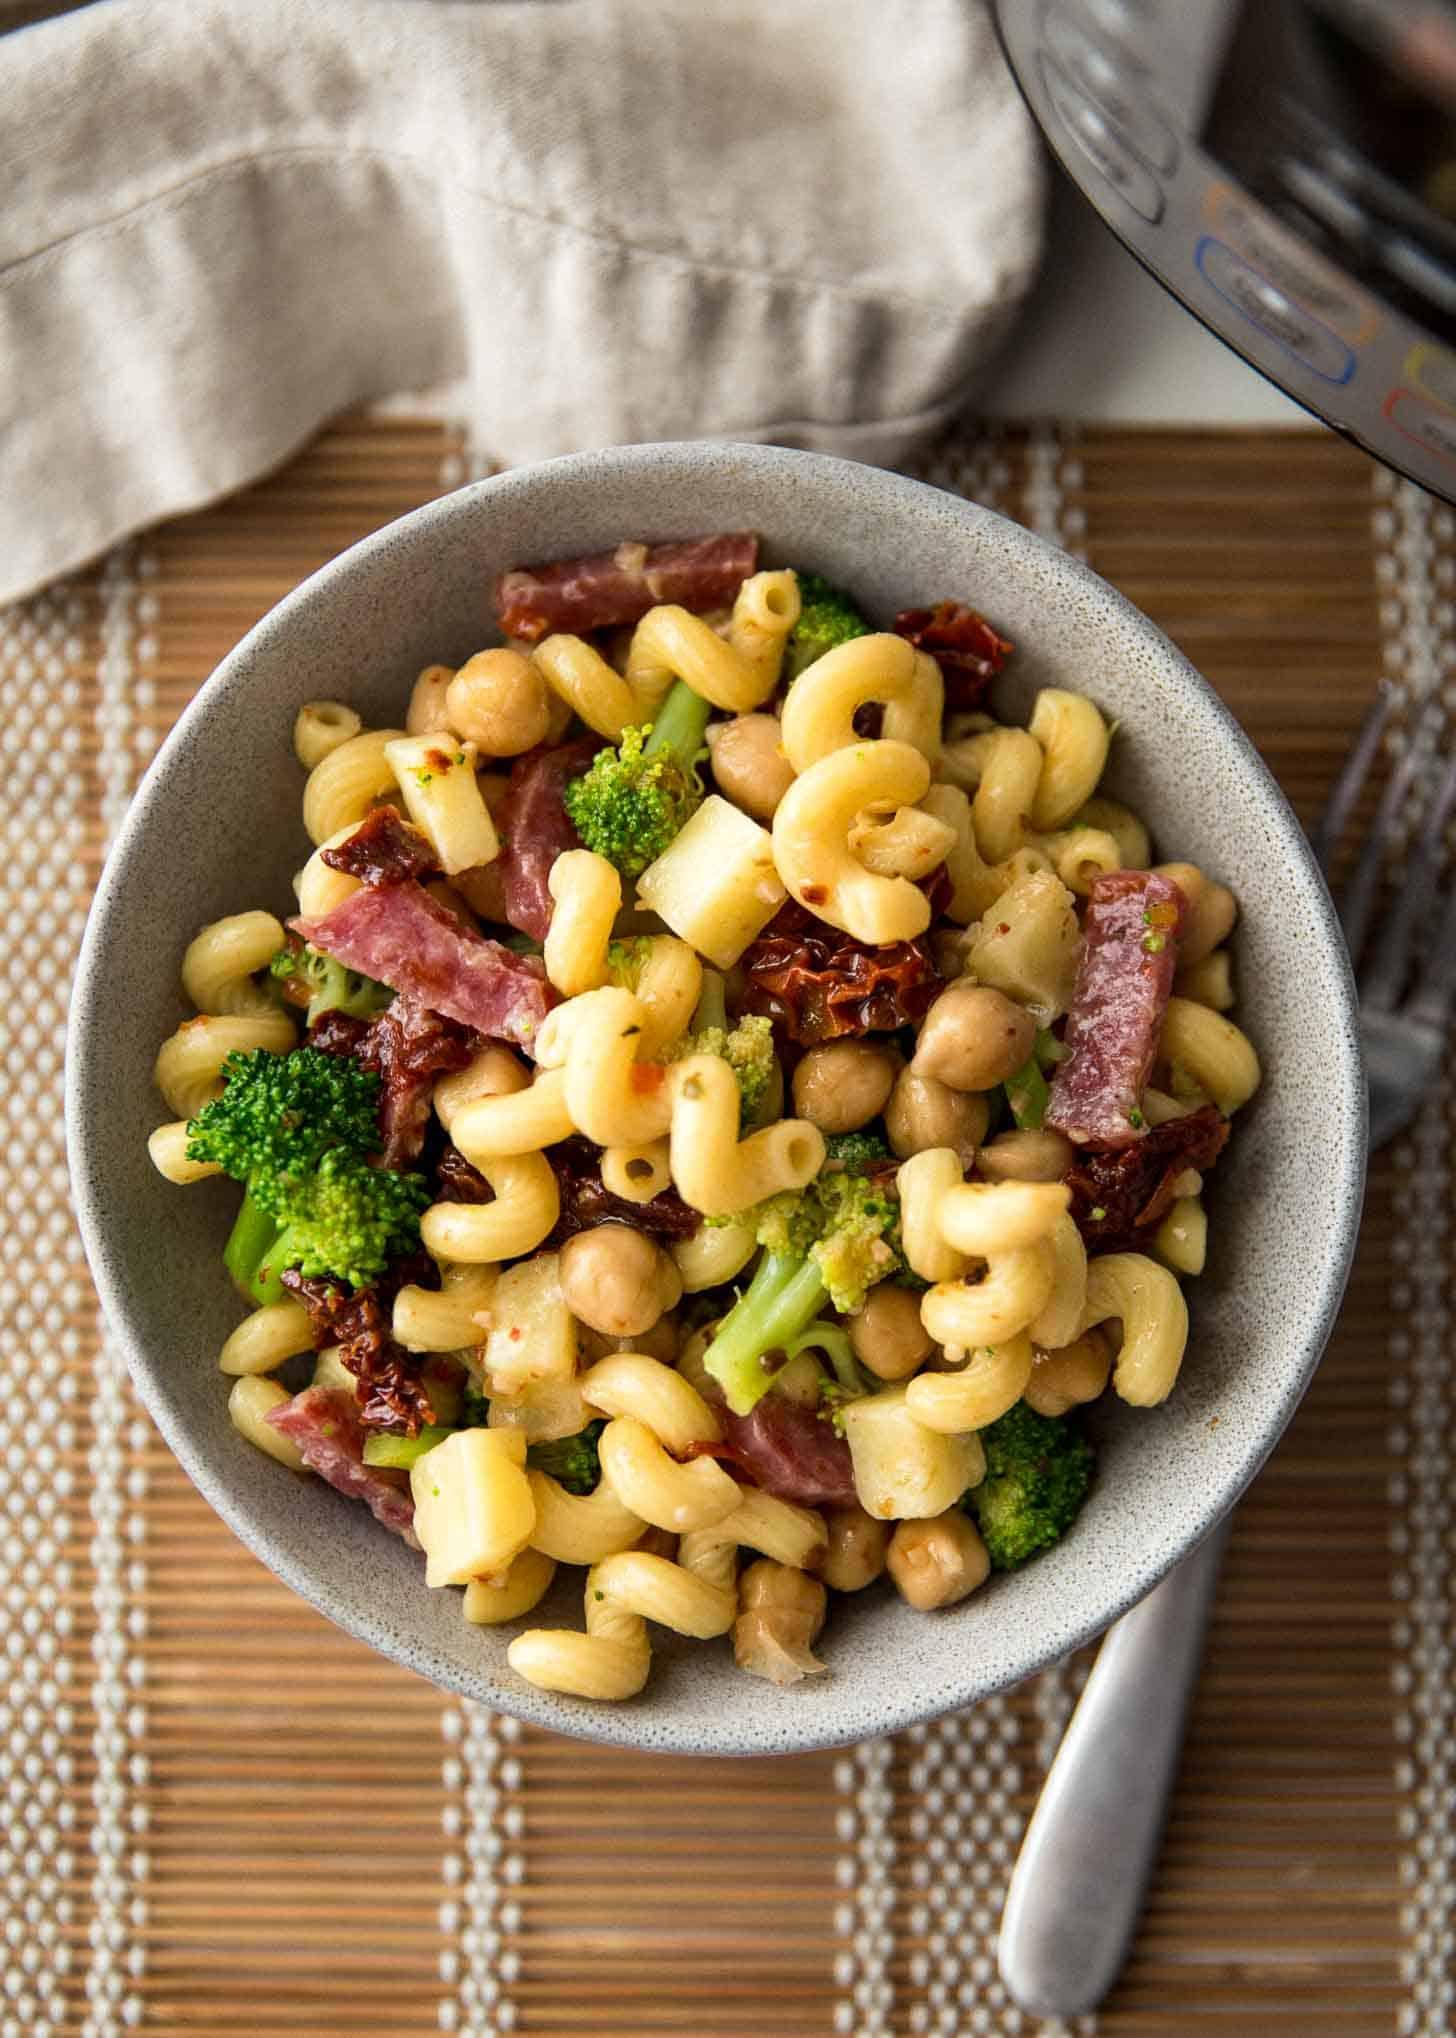 Instant pot pasta salad in a grey bowl